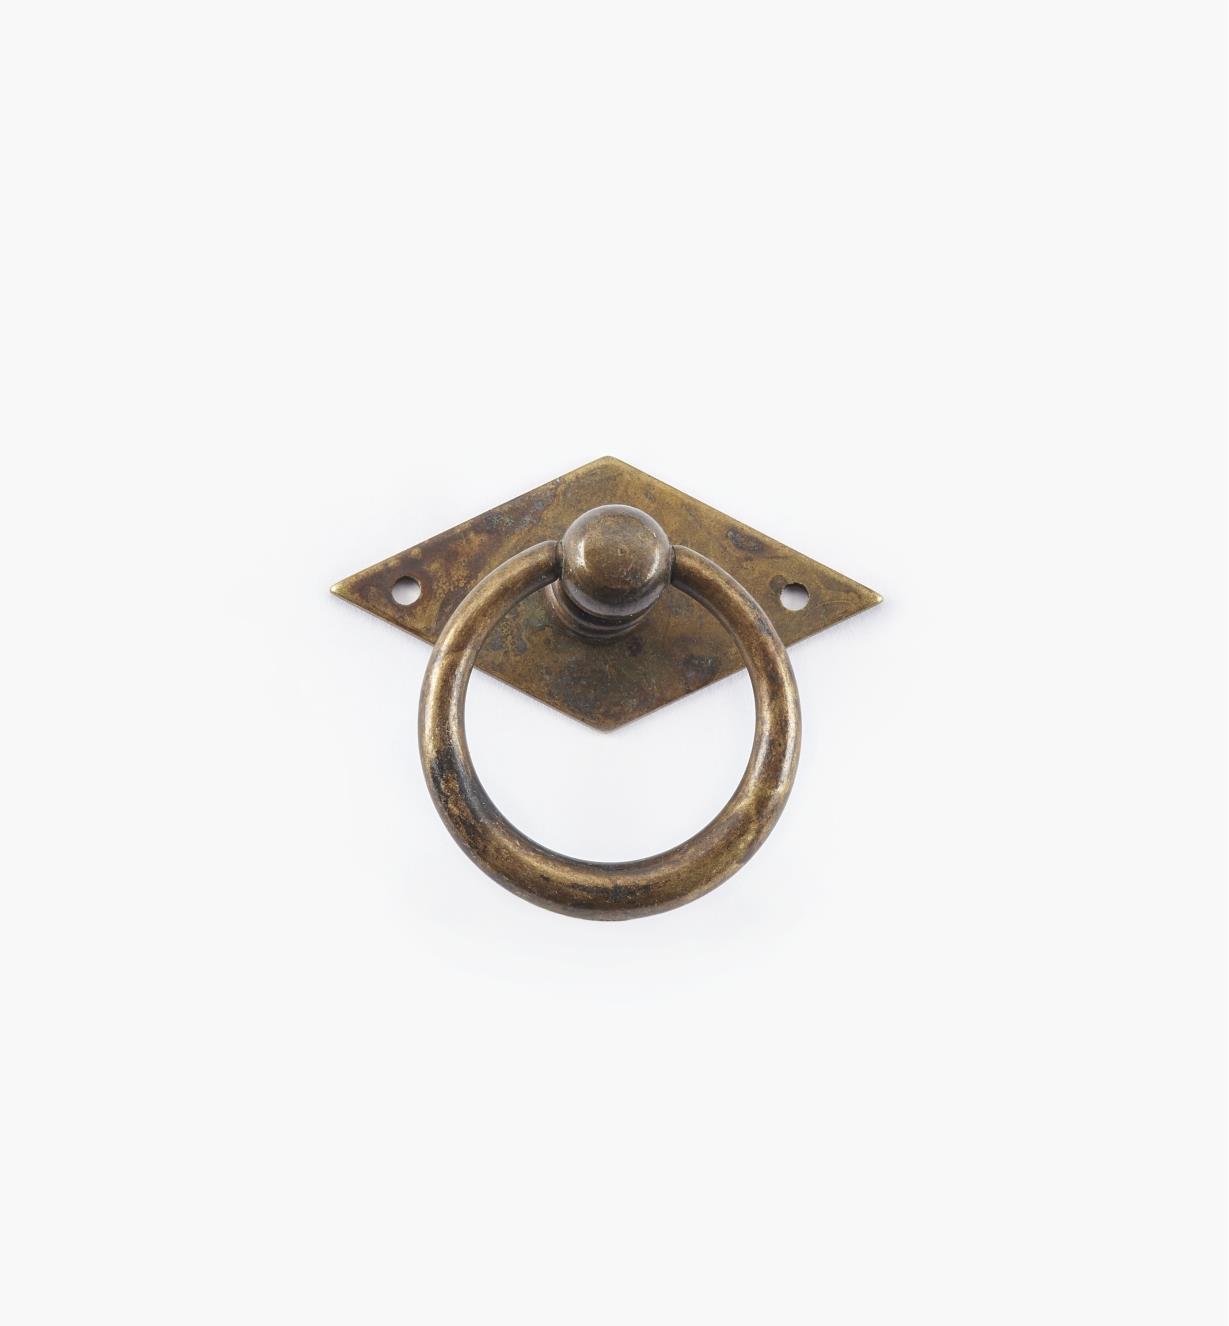 01A6302 - Poignée à anneau fuselé sur platine losange, 50 mm x 44 mm